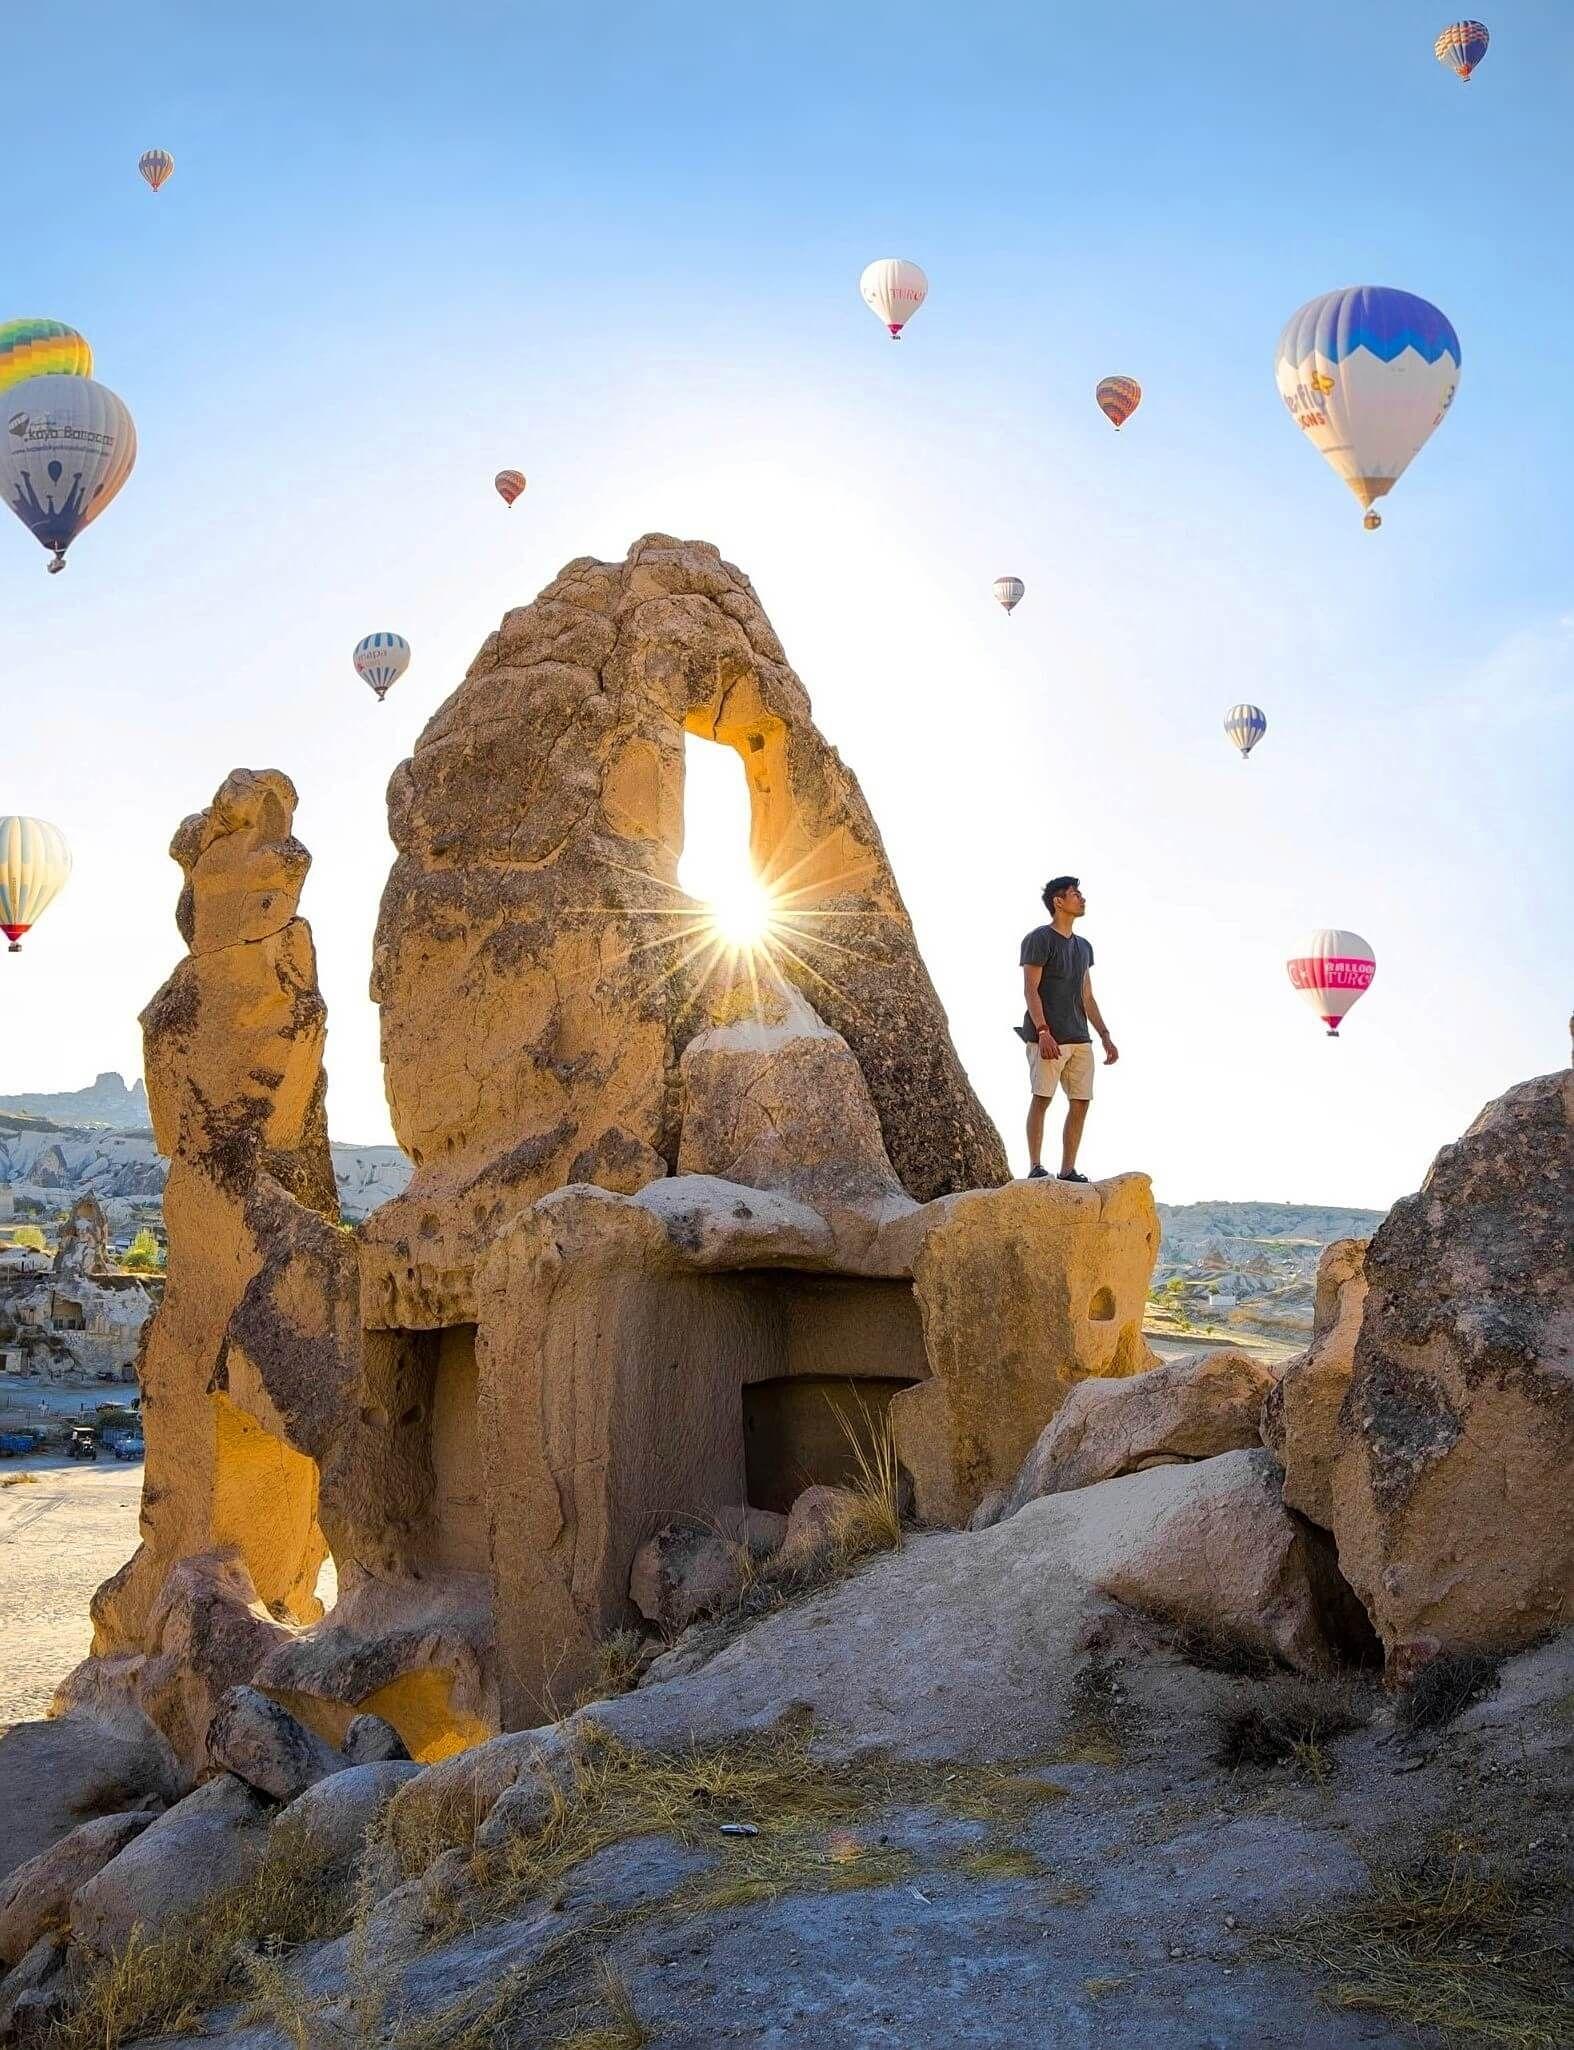 Man standing under balloons. Cappadocia, Turkey